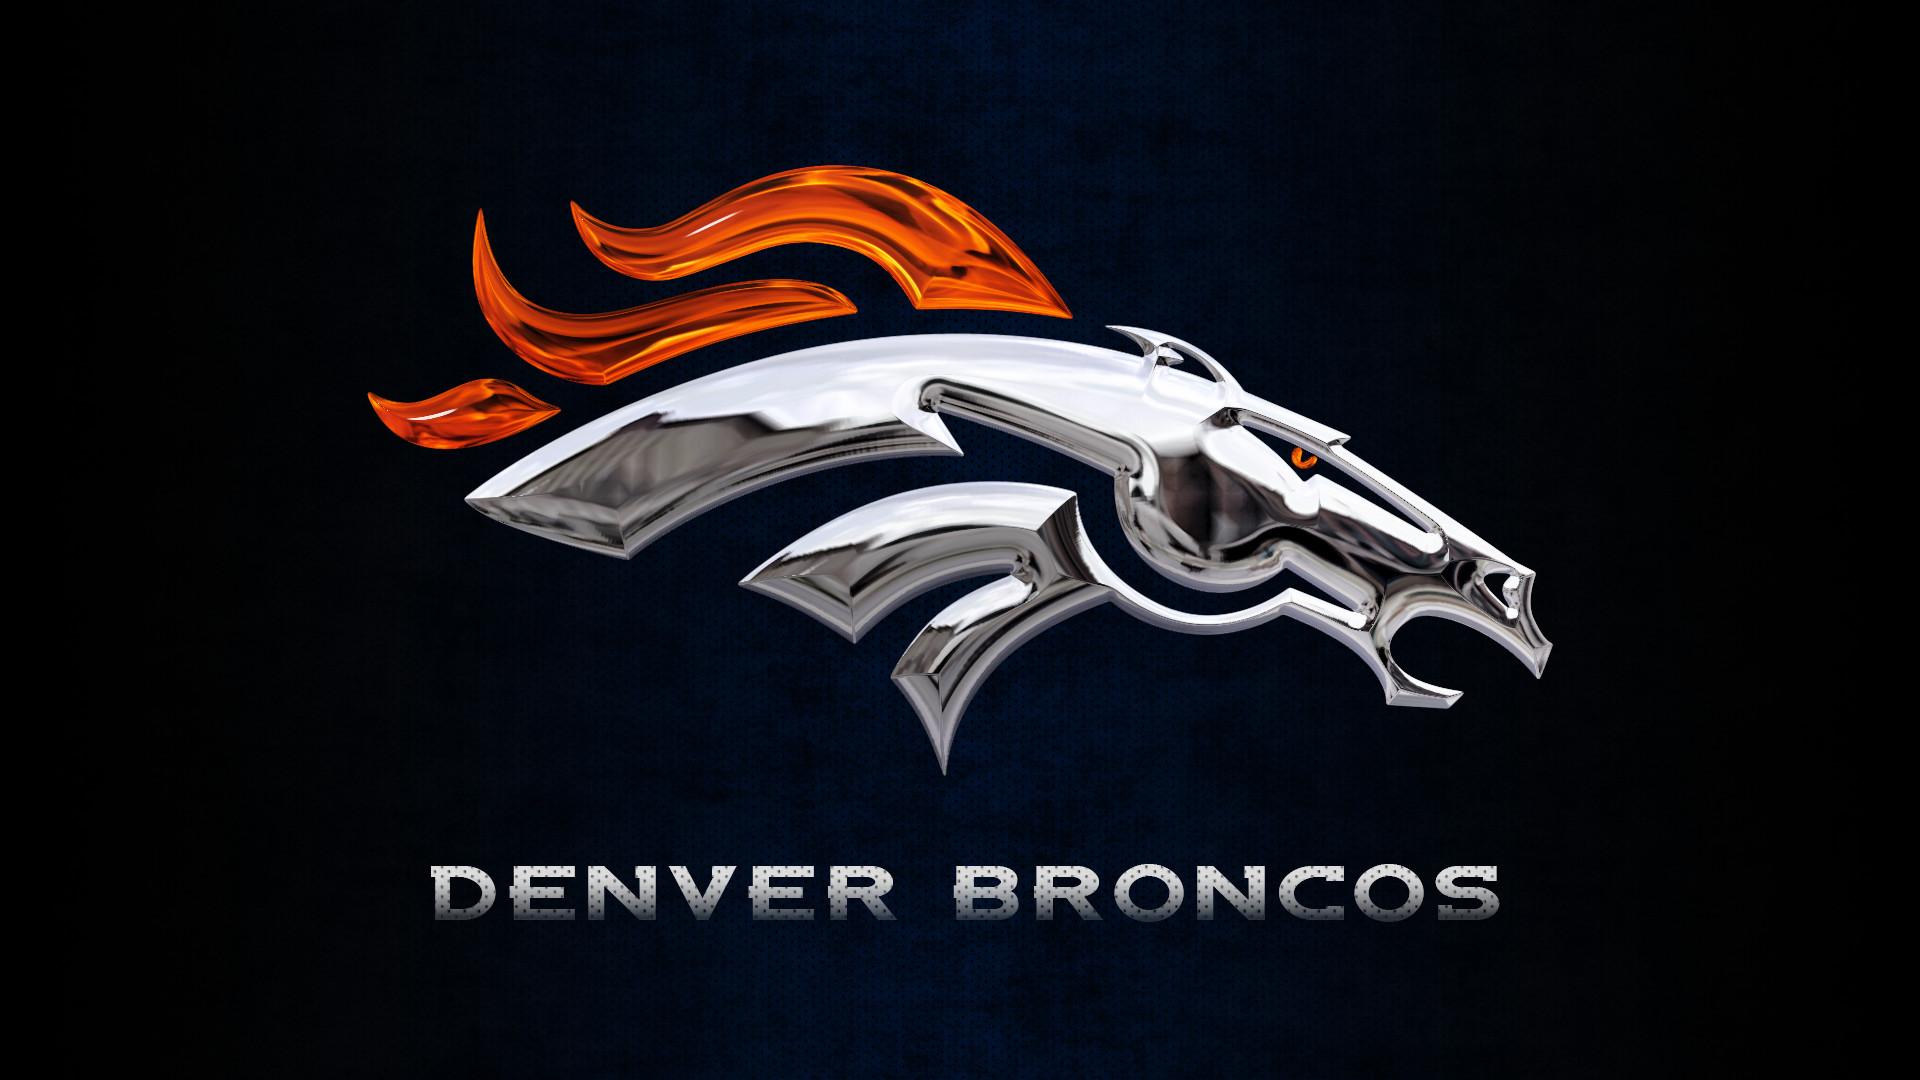 Denver Broncos Chrome Logo Wallpaper